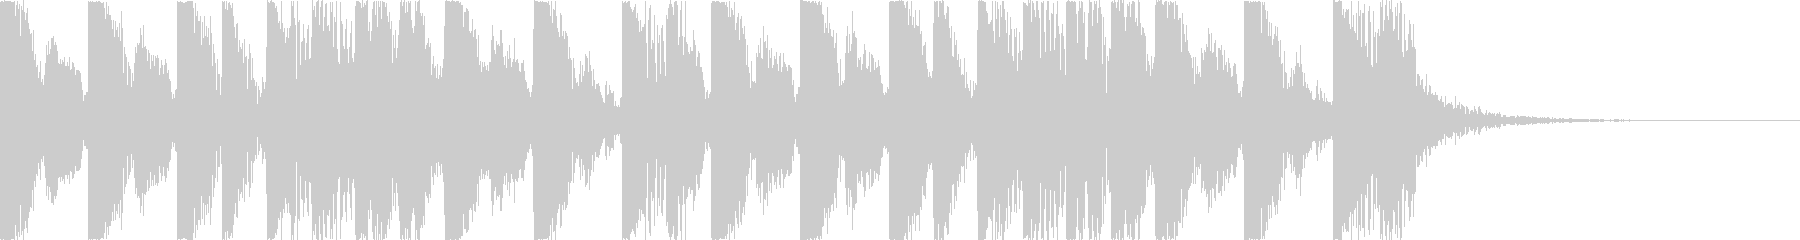 攻撃的でダークなEDM2の未再生の波形